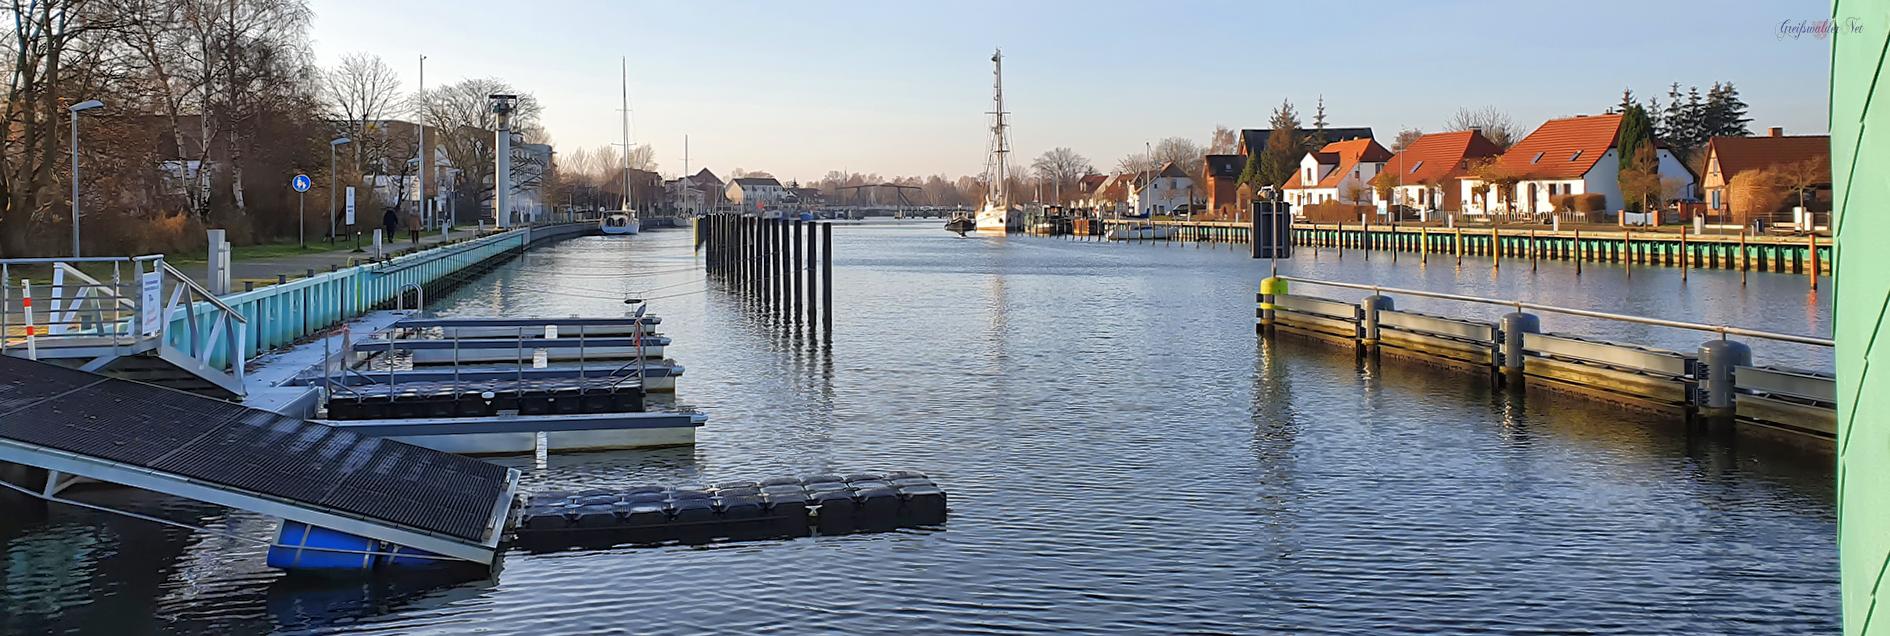 Kleine Fahrradtour am Samstagvormittag, Am Sperrwerk - Hafen in Greifswald-Wieck